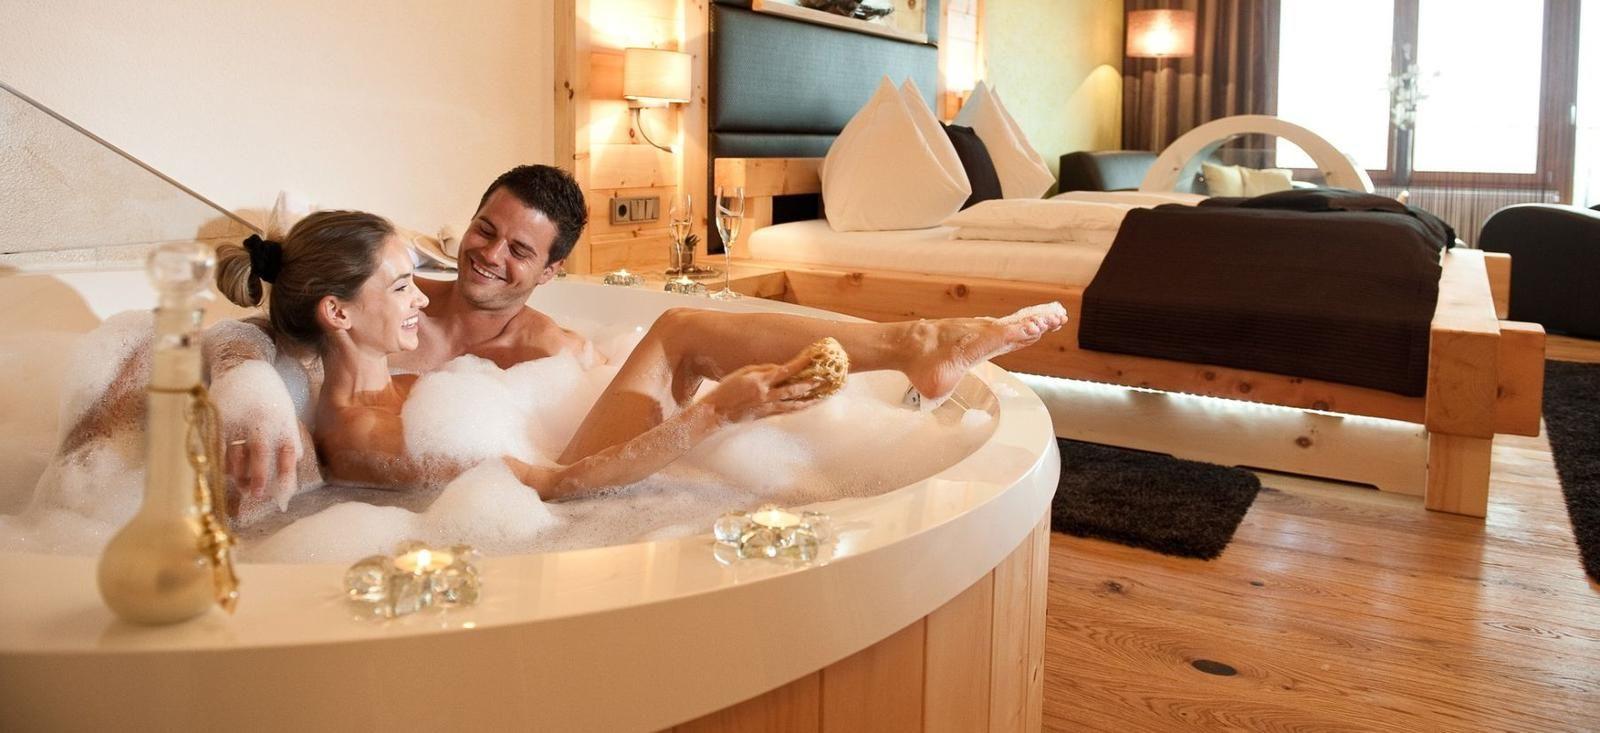 In Diesen Hotels Wird Euer Zimmer Zum Wellnesstempel Bucht Ein Zimmer Mit Whirlpool In Bayern Osterreic Hotel Mit Whirlpool Whirlpool Romantische Hotelzimmer